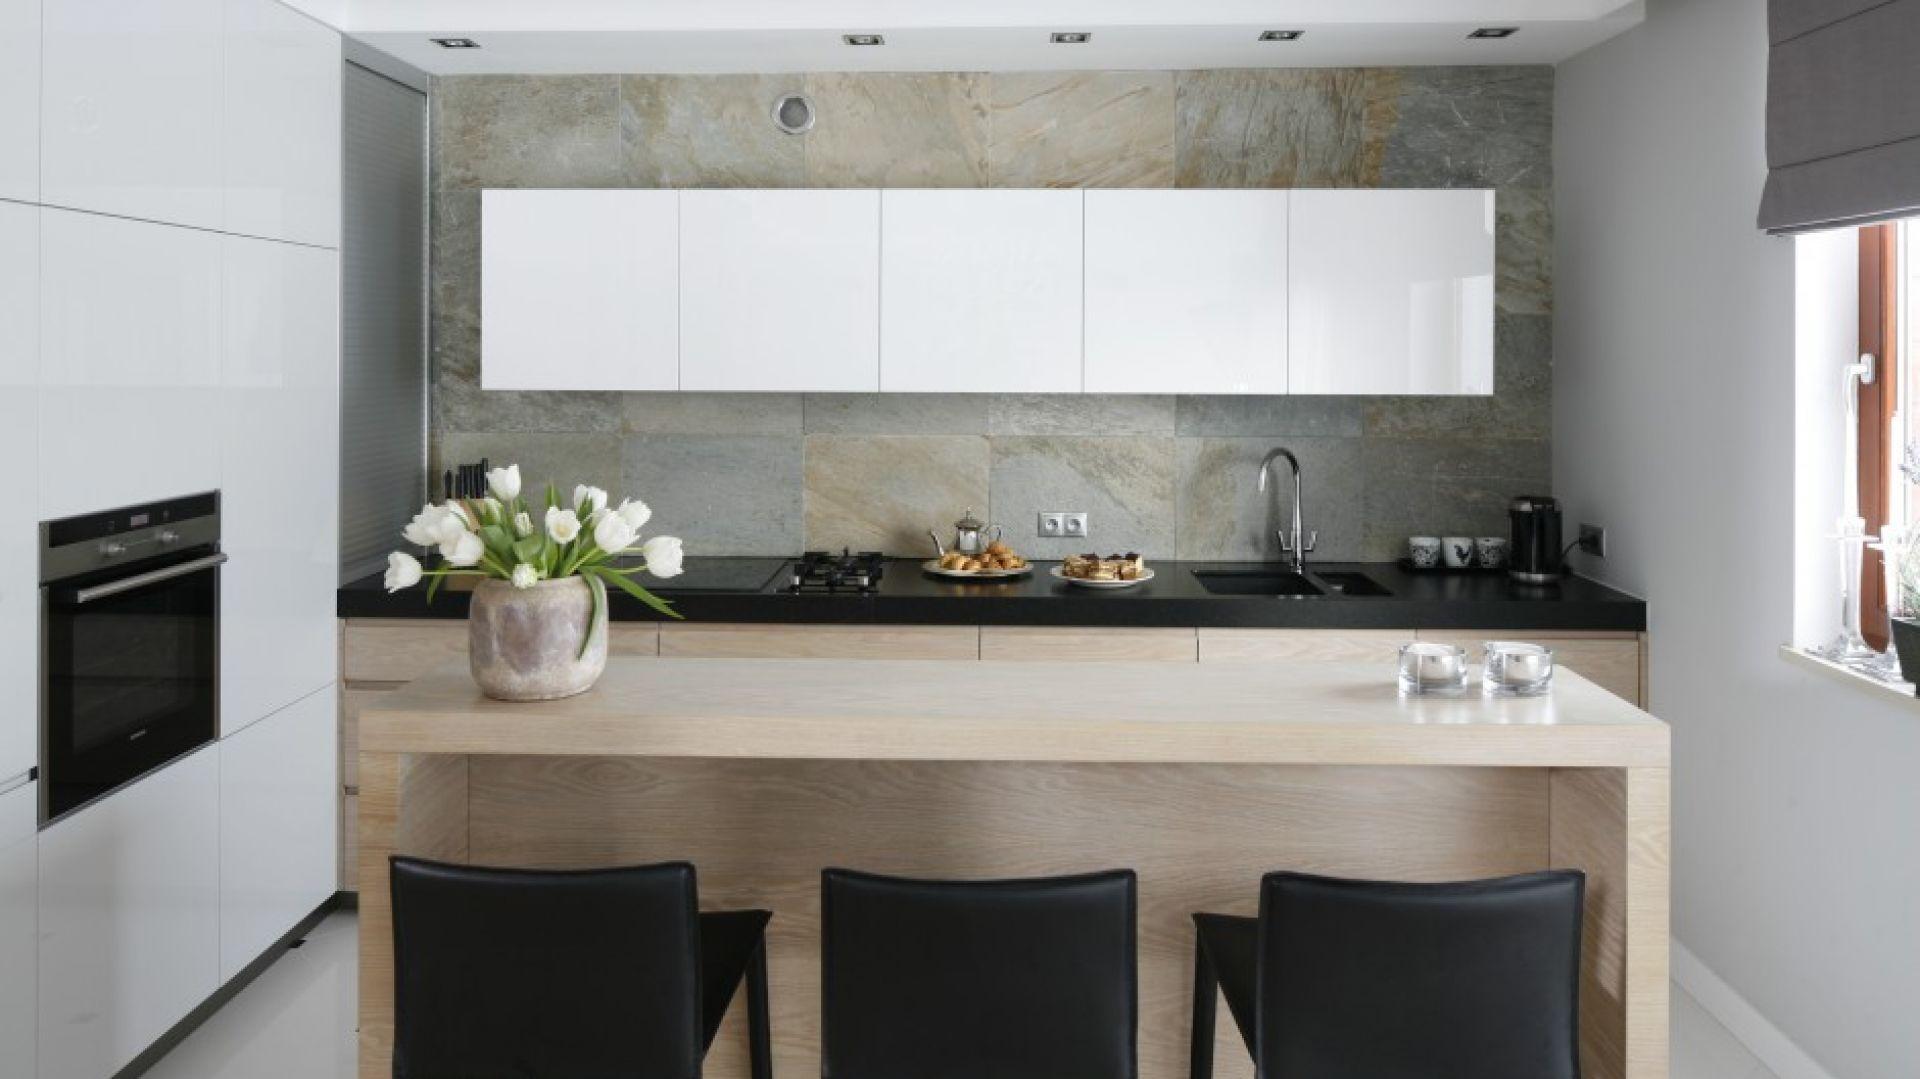 Kamienna ściana jest dekoracją całej kuchni. Od salonu oddziela ją wyspa, która pełni również rolę śniadaniowego baru. Projekt: Magdalena Smyk. Fot. Bartosz Jarosz